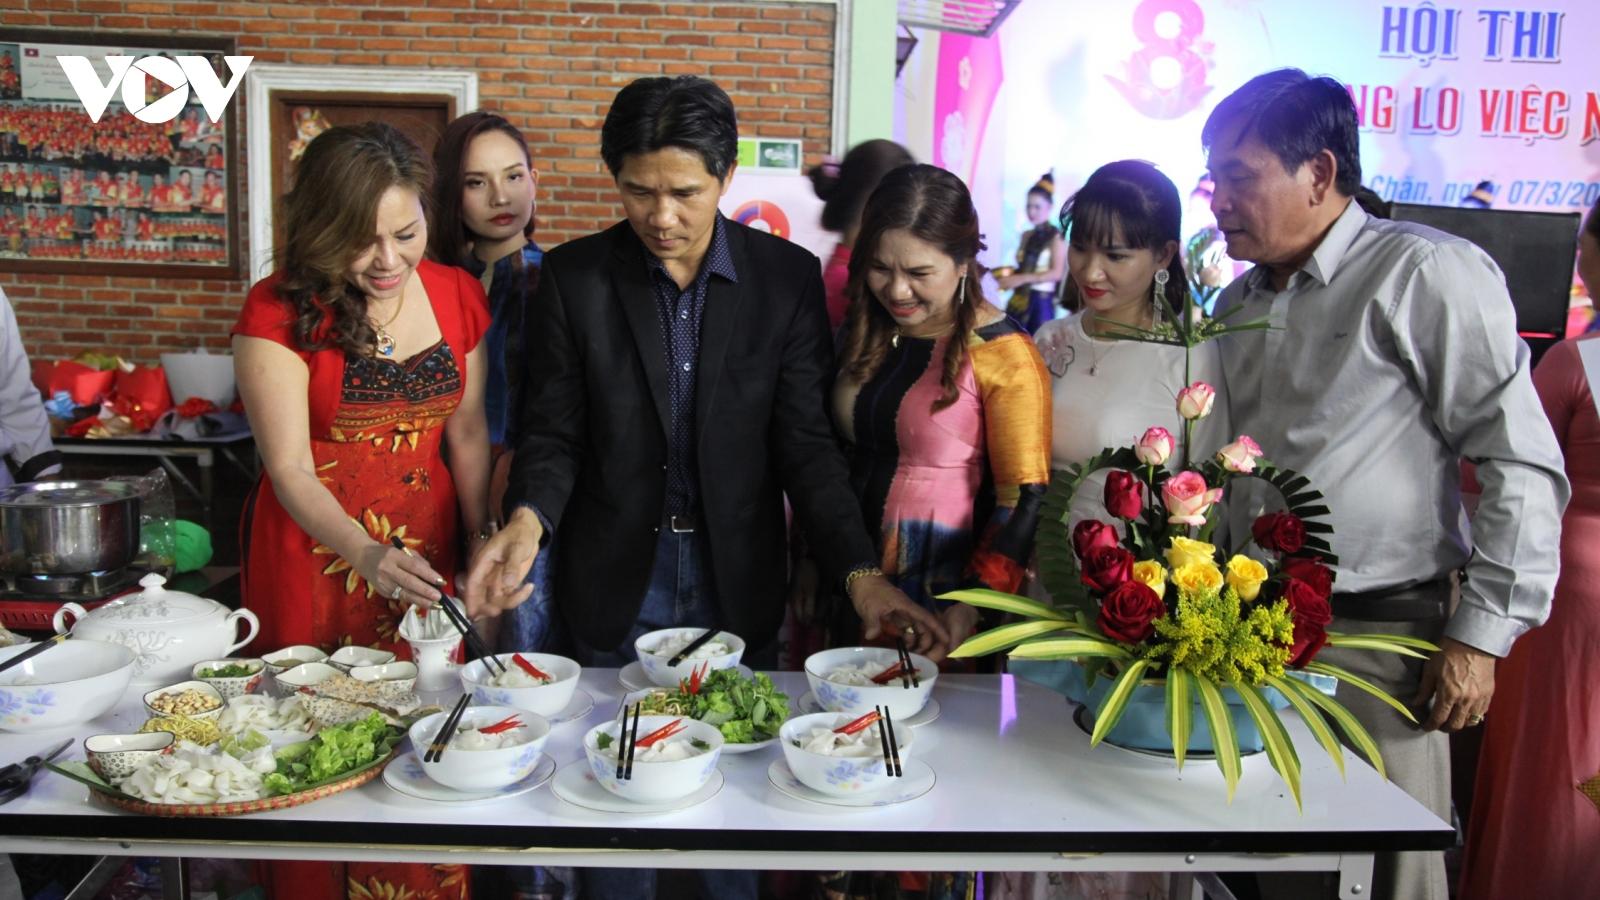 Kỷ niệm ngày Quốc tế phụ nữ 8-3 tại Lào